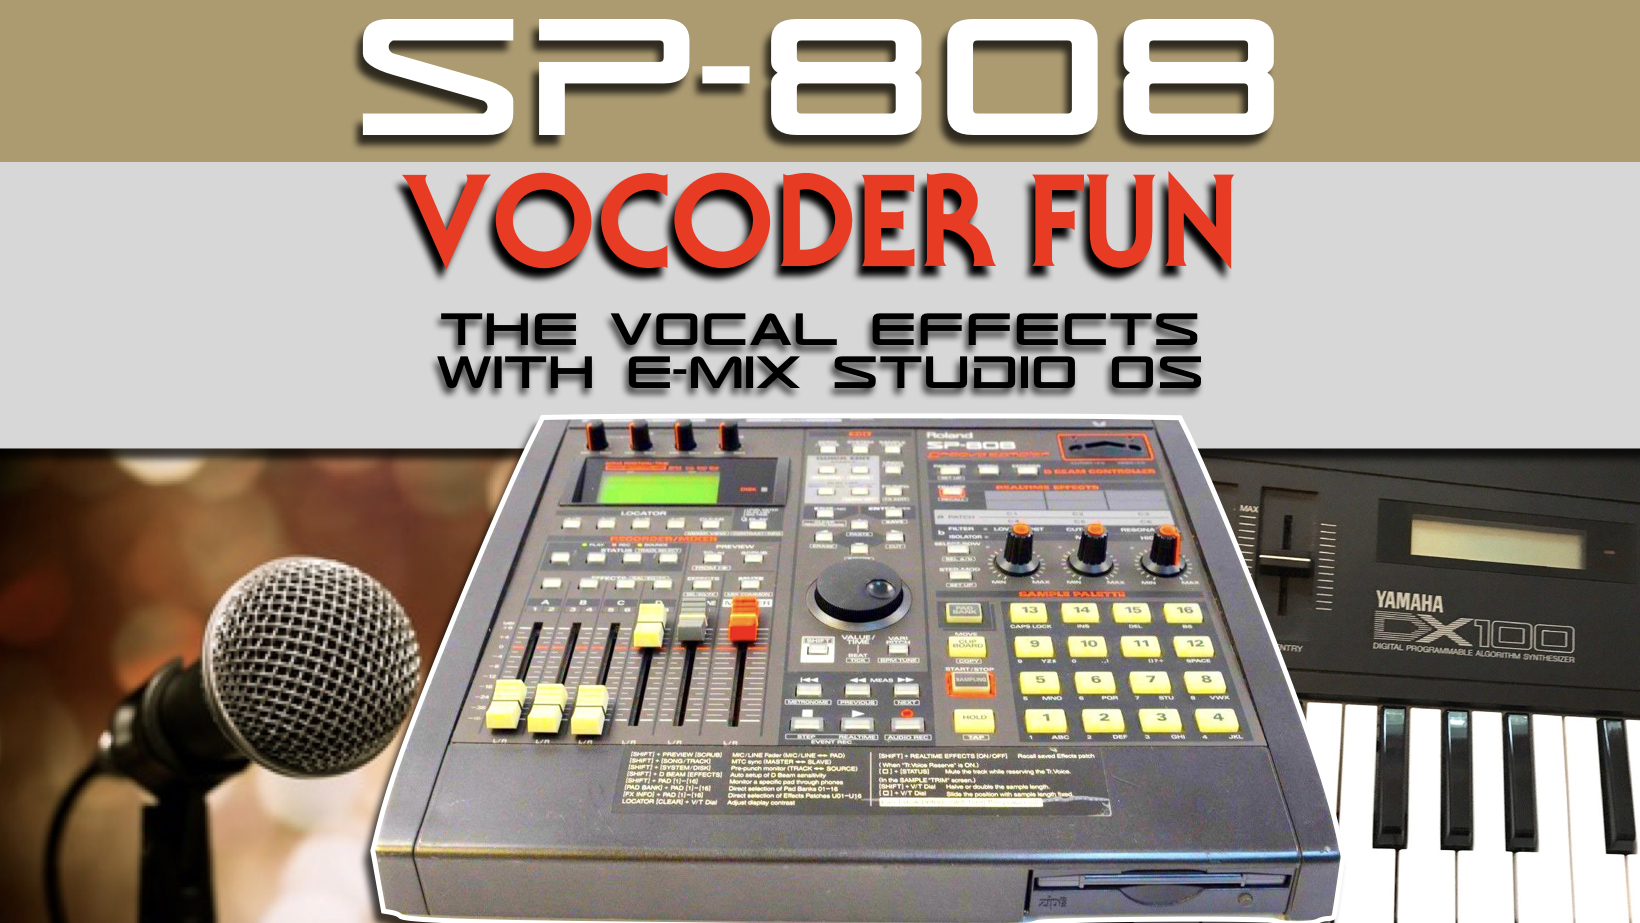 Roland SP-808 Groovesampler with Vocoder effect